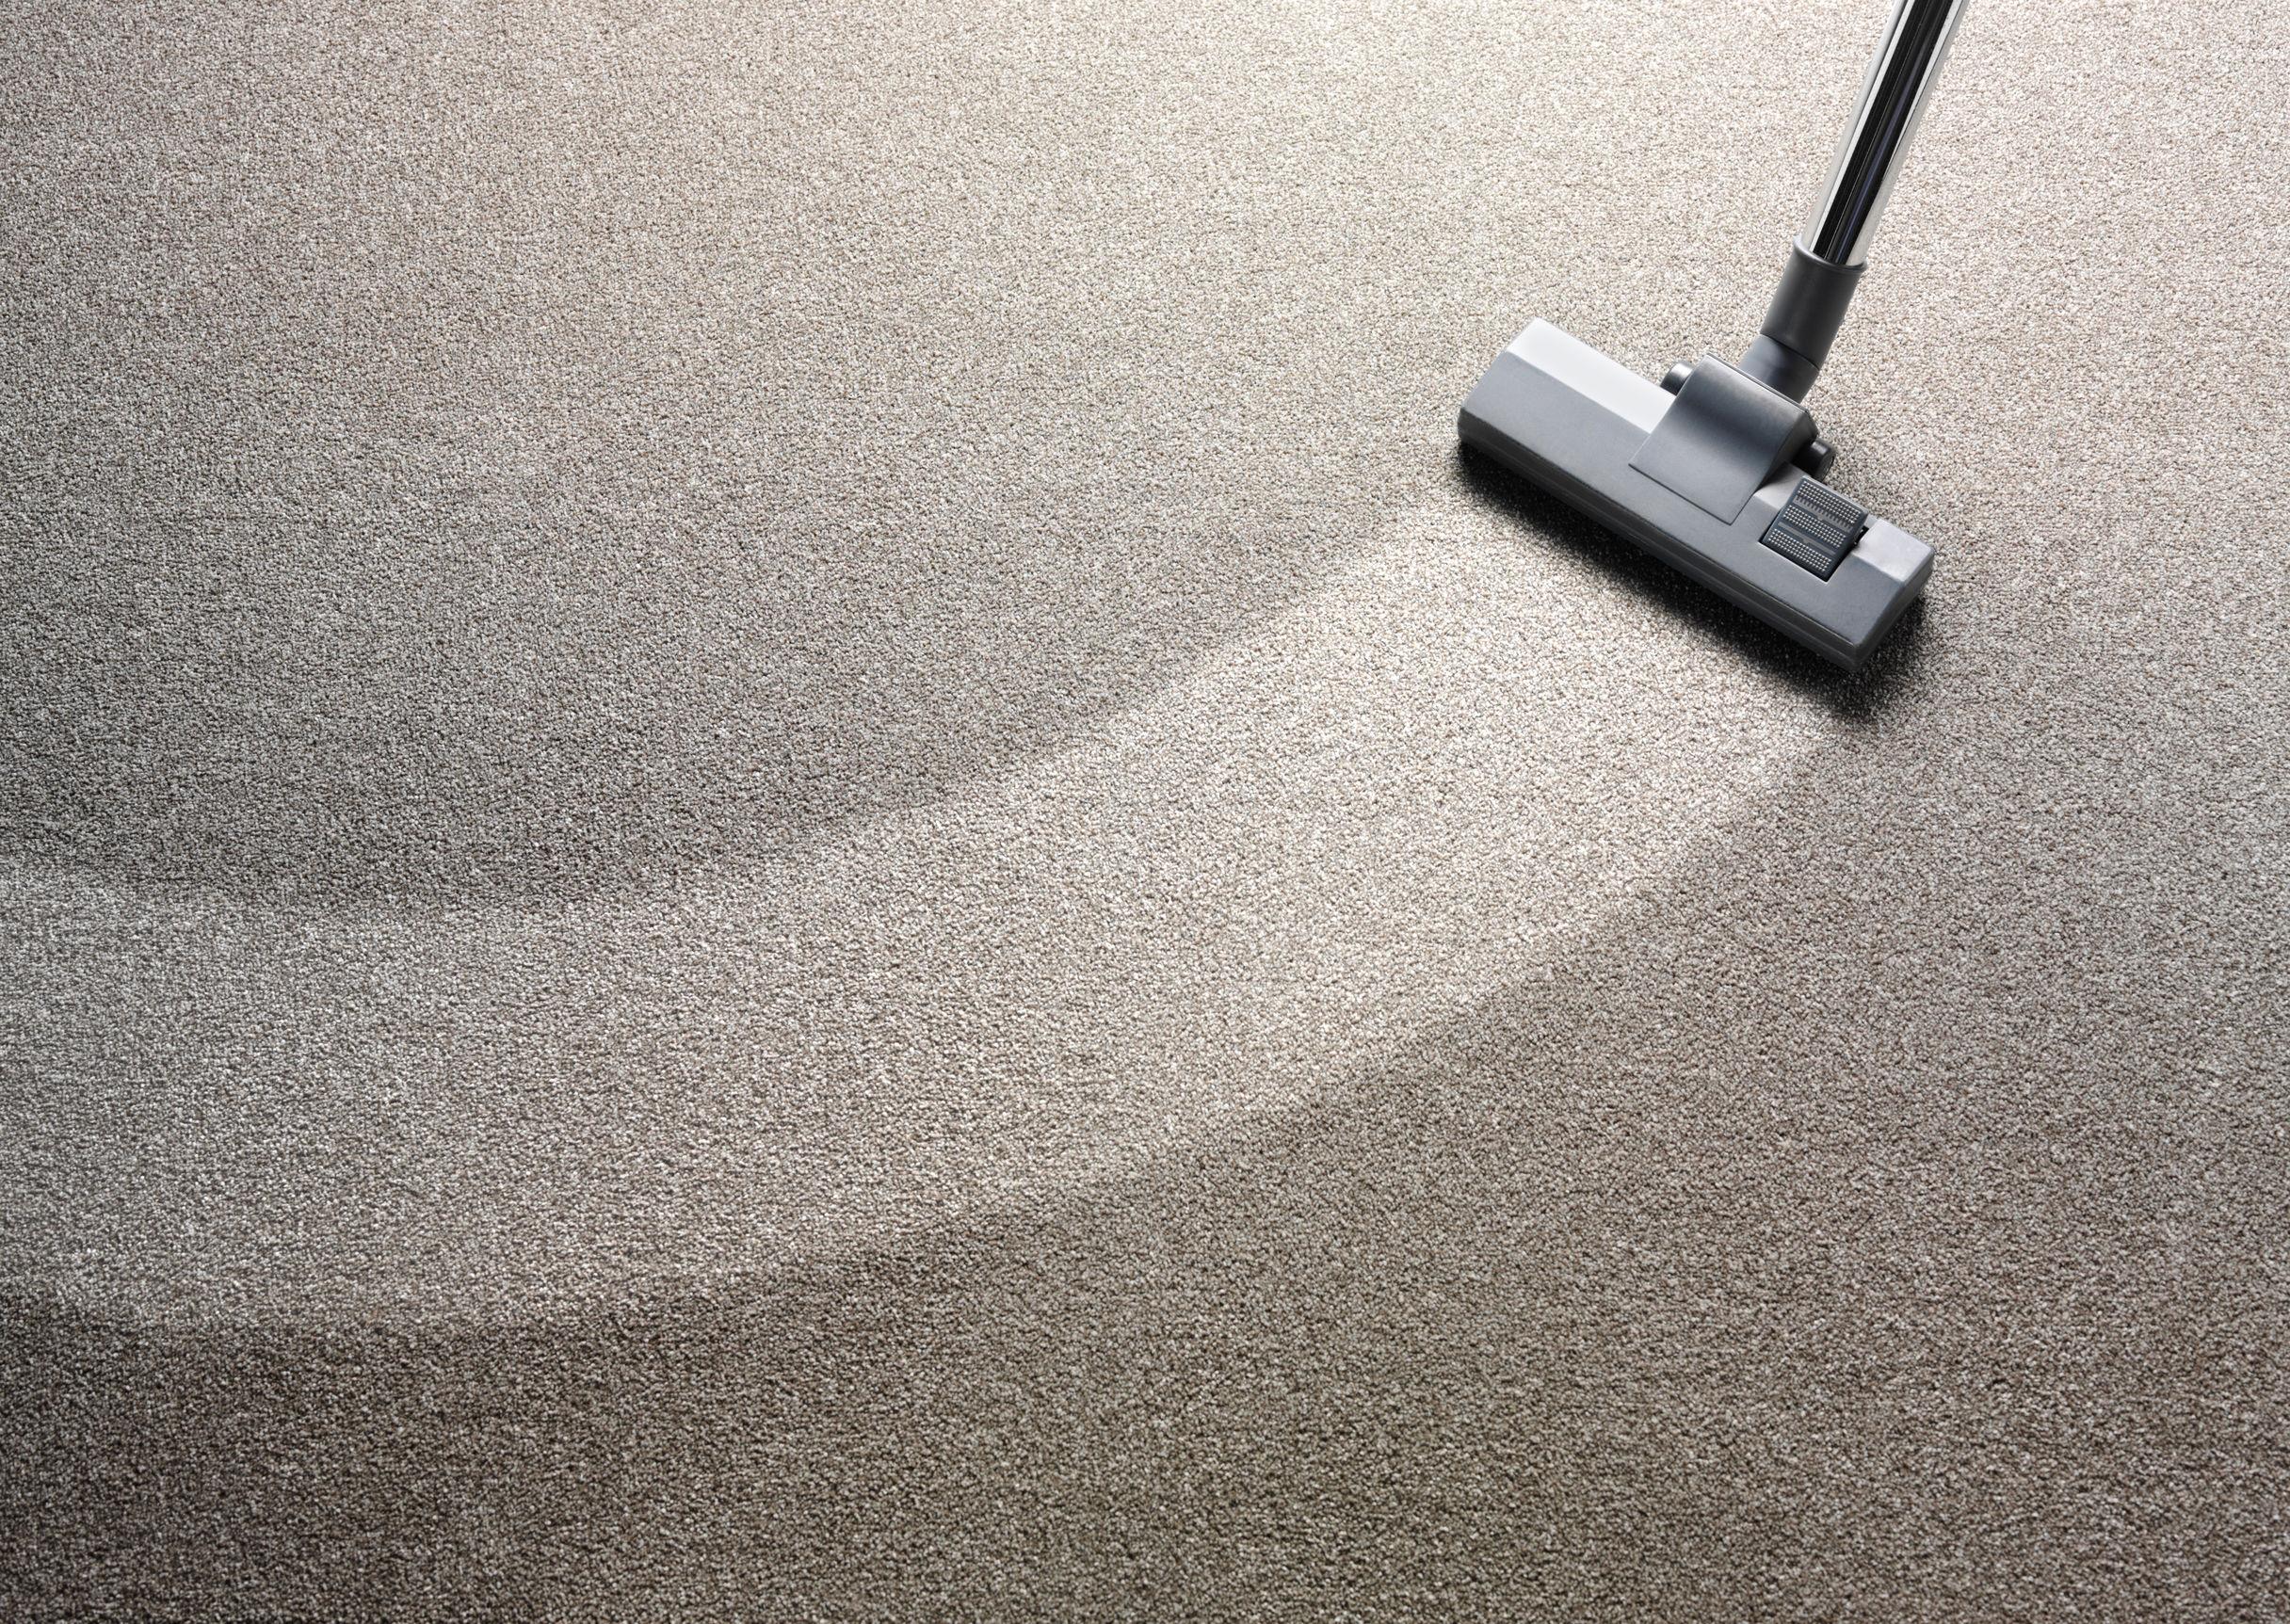 Aspirador en una alfombra con una tira limpia